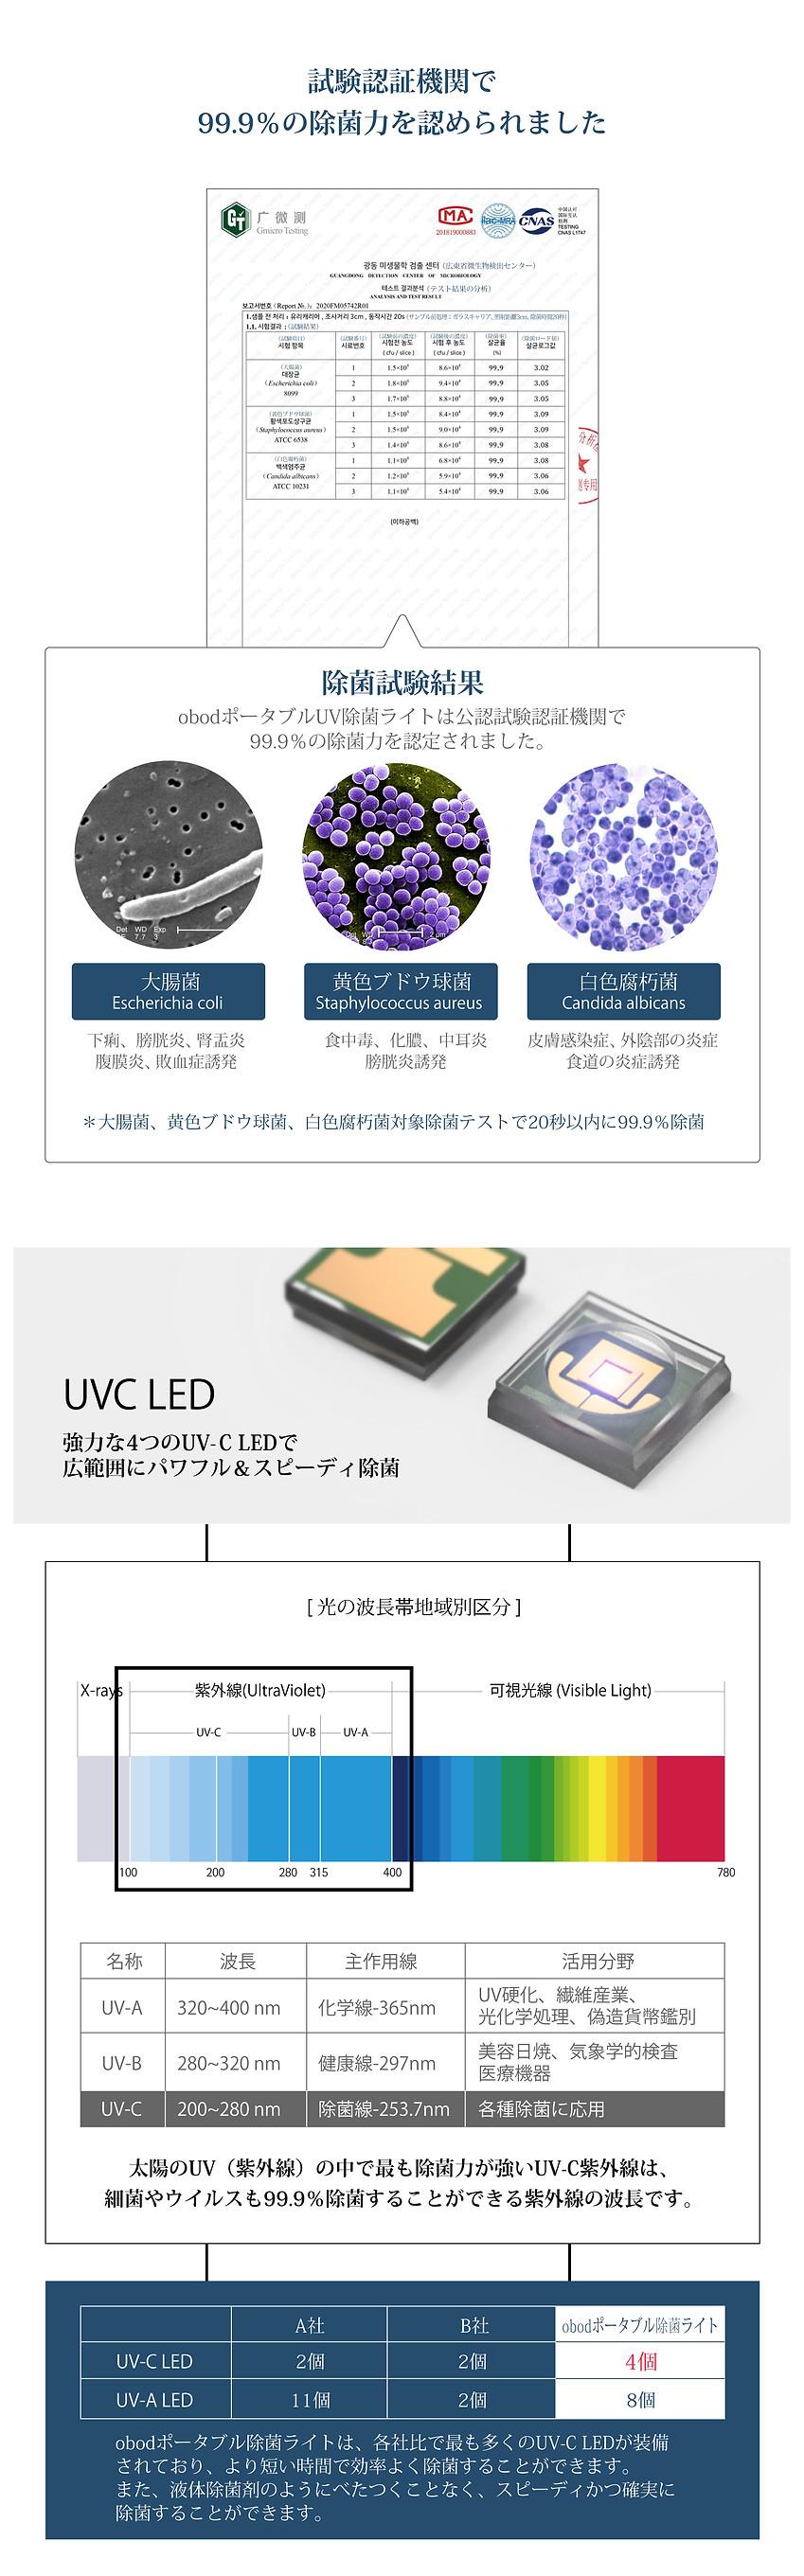 obod_UV_jp02.jpg